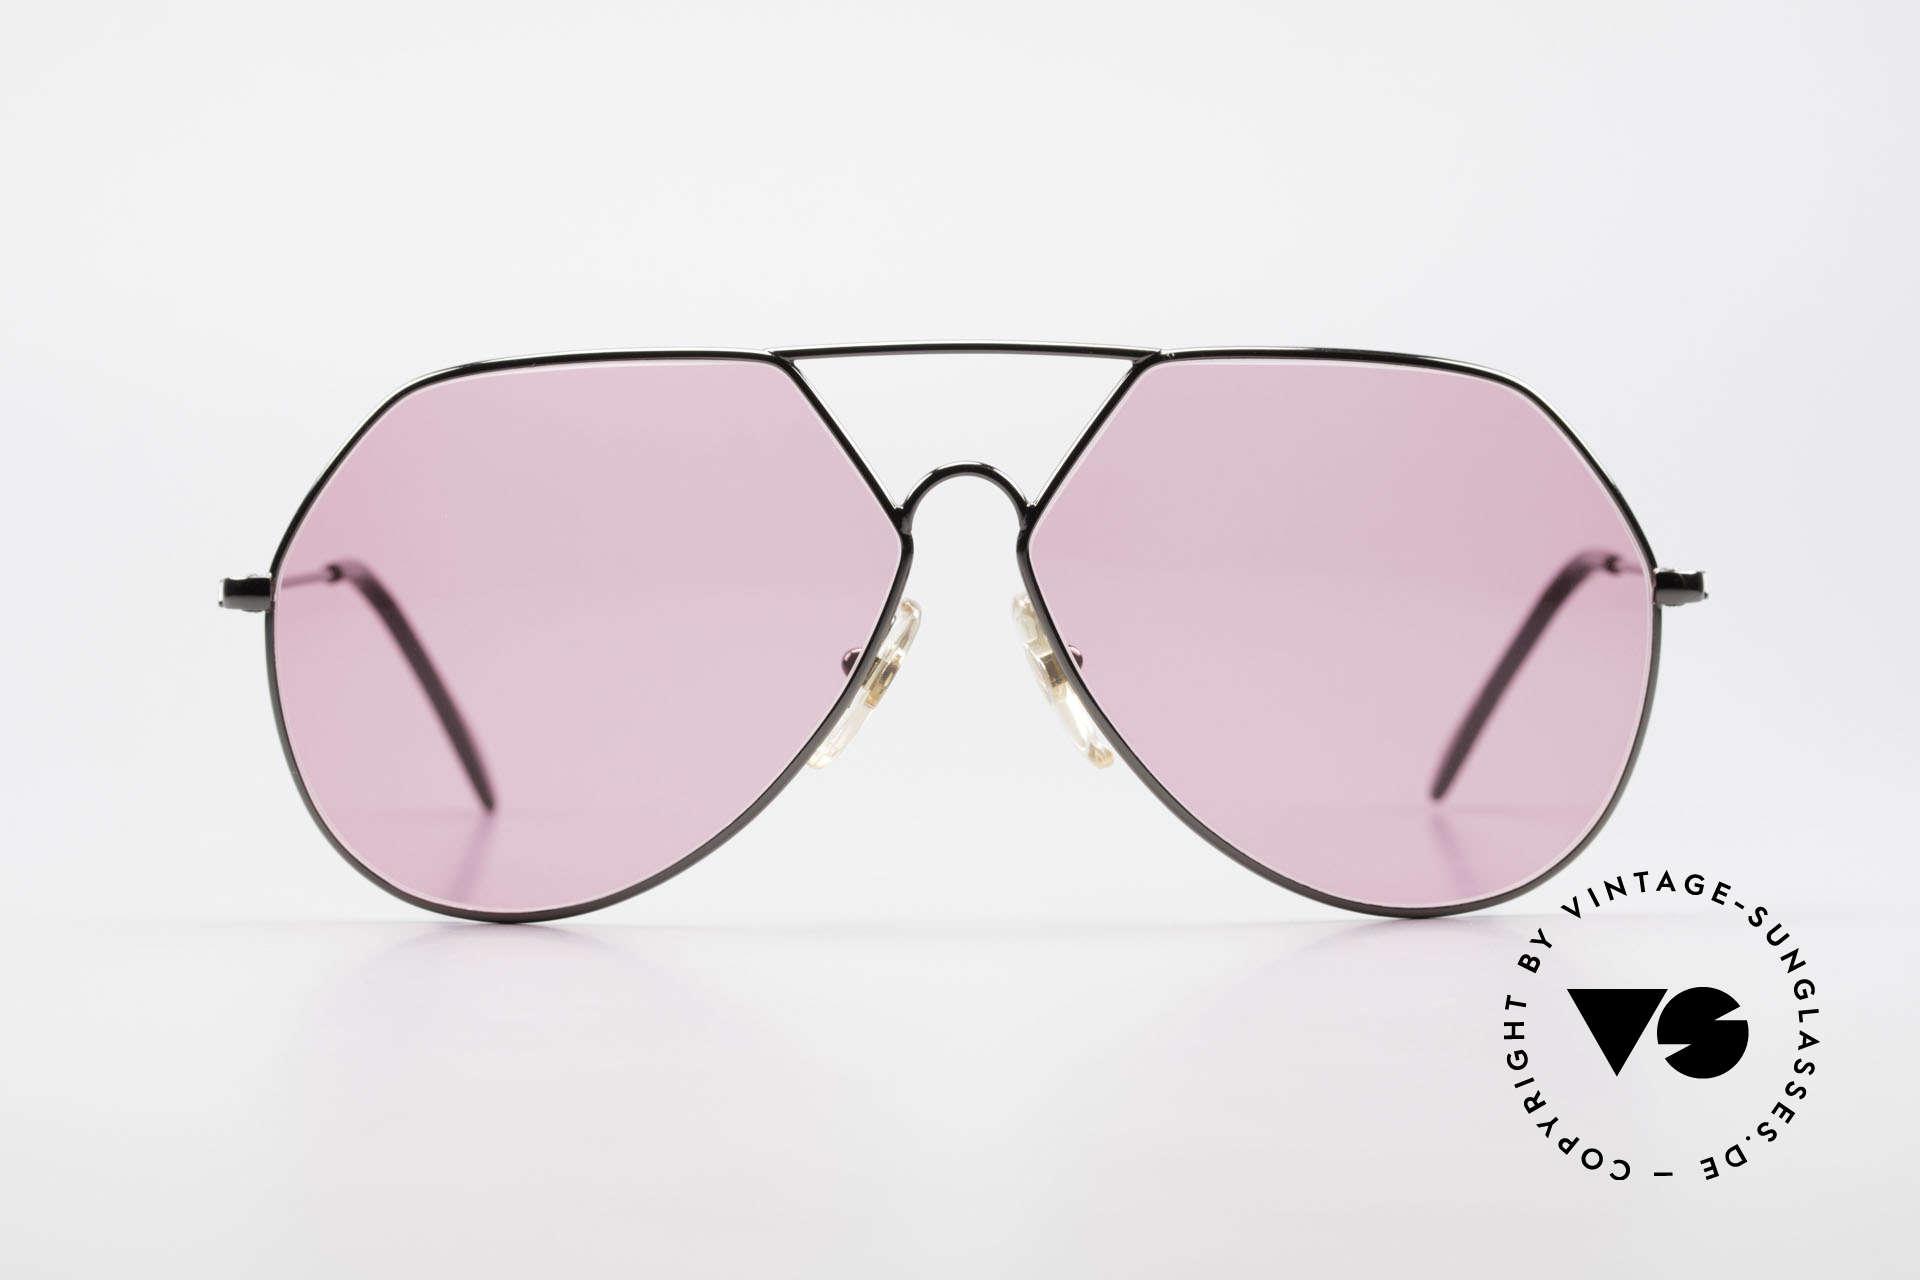 Alpina TR6 Alte 80er Aviator Brille Pink, mal eine etwas andere Aviator- oder Pilotenbrille, Passend für Herren